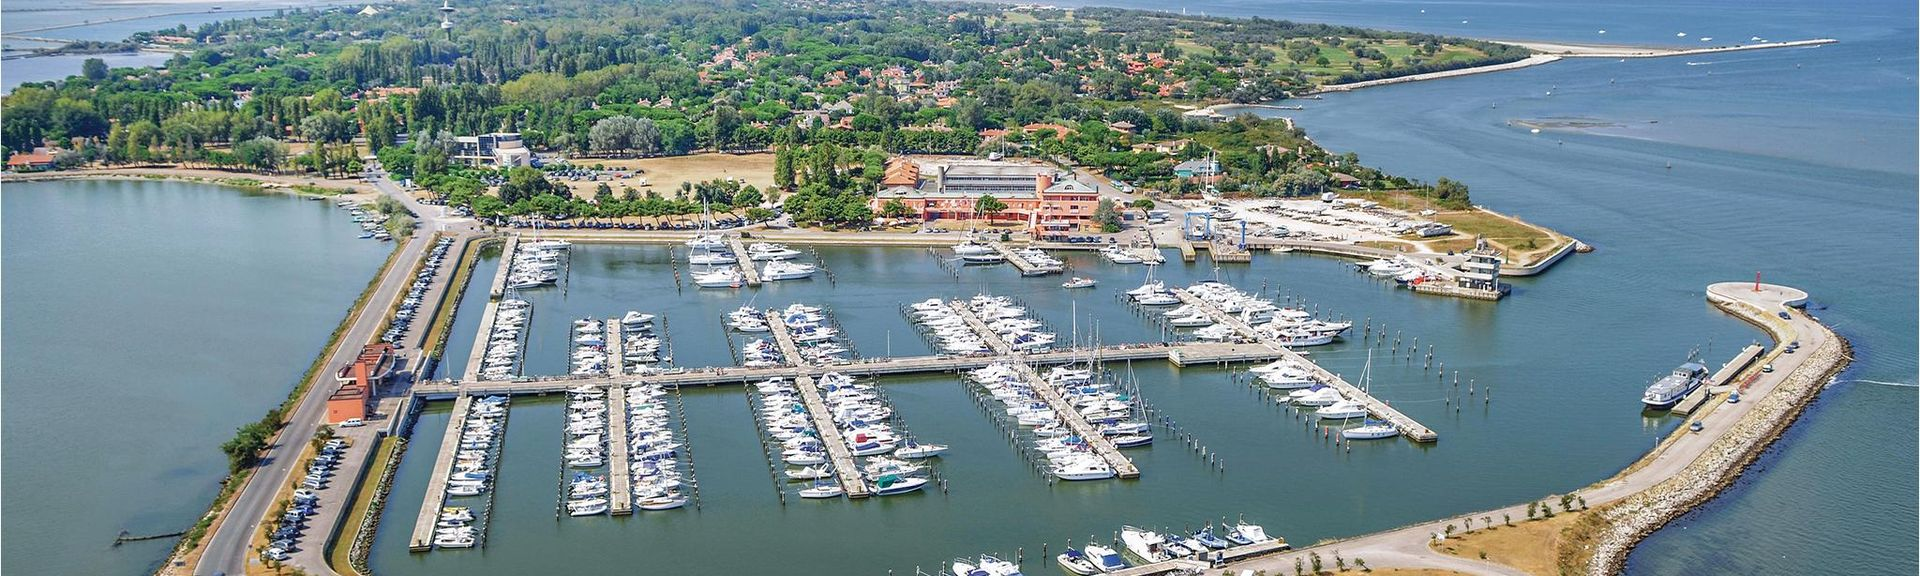 Sottomarina, Chioggia, Veneto, Italia